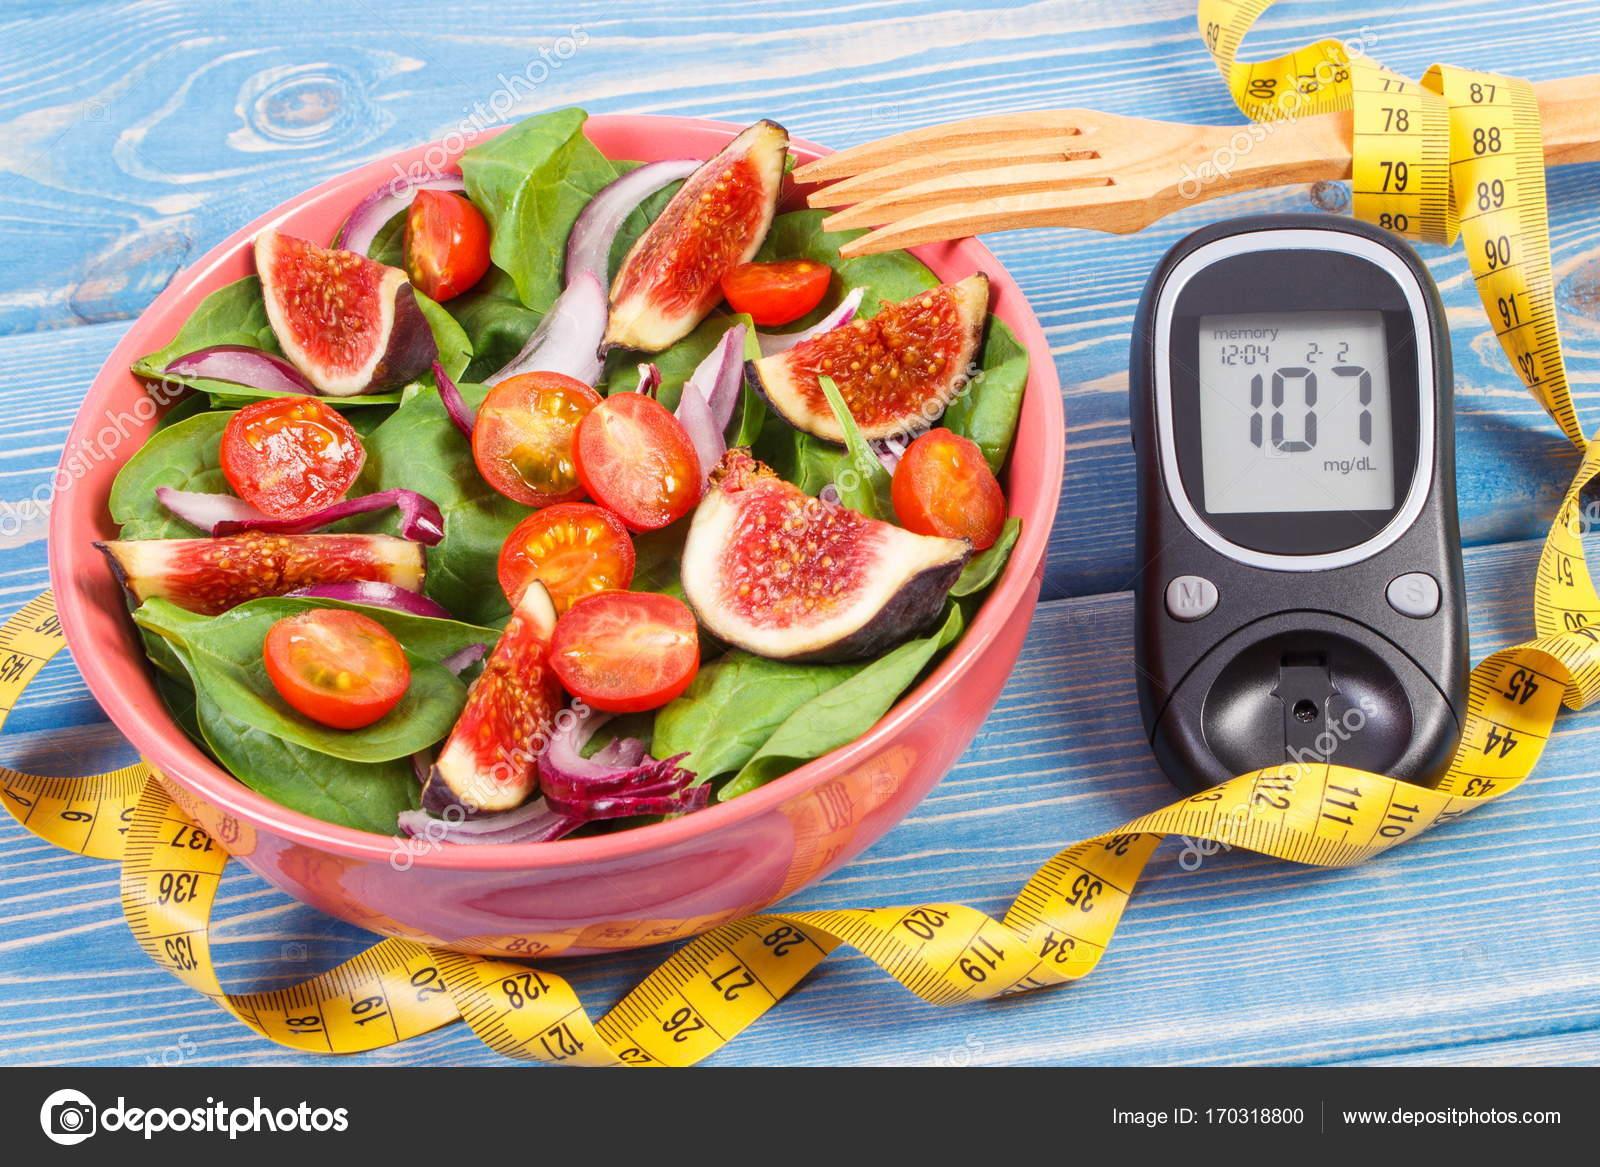 Spuntini Sani E Diabete : Insalata di frutta e verdura e controllo glicemico con la misura